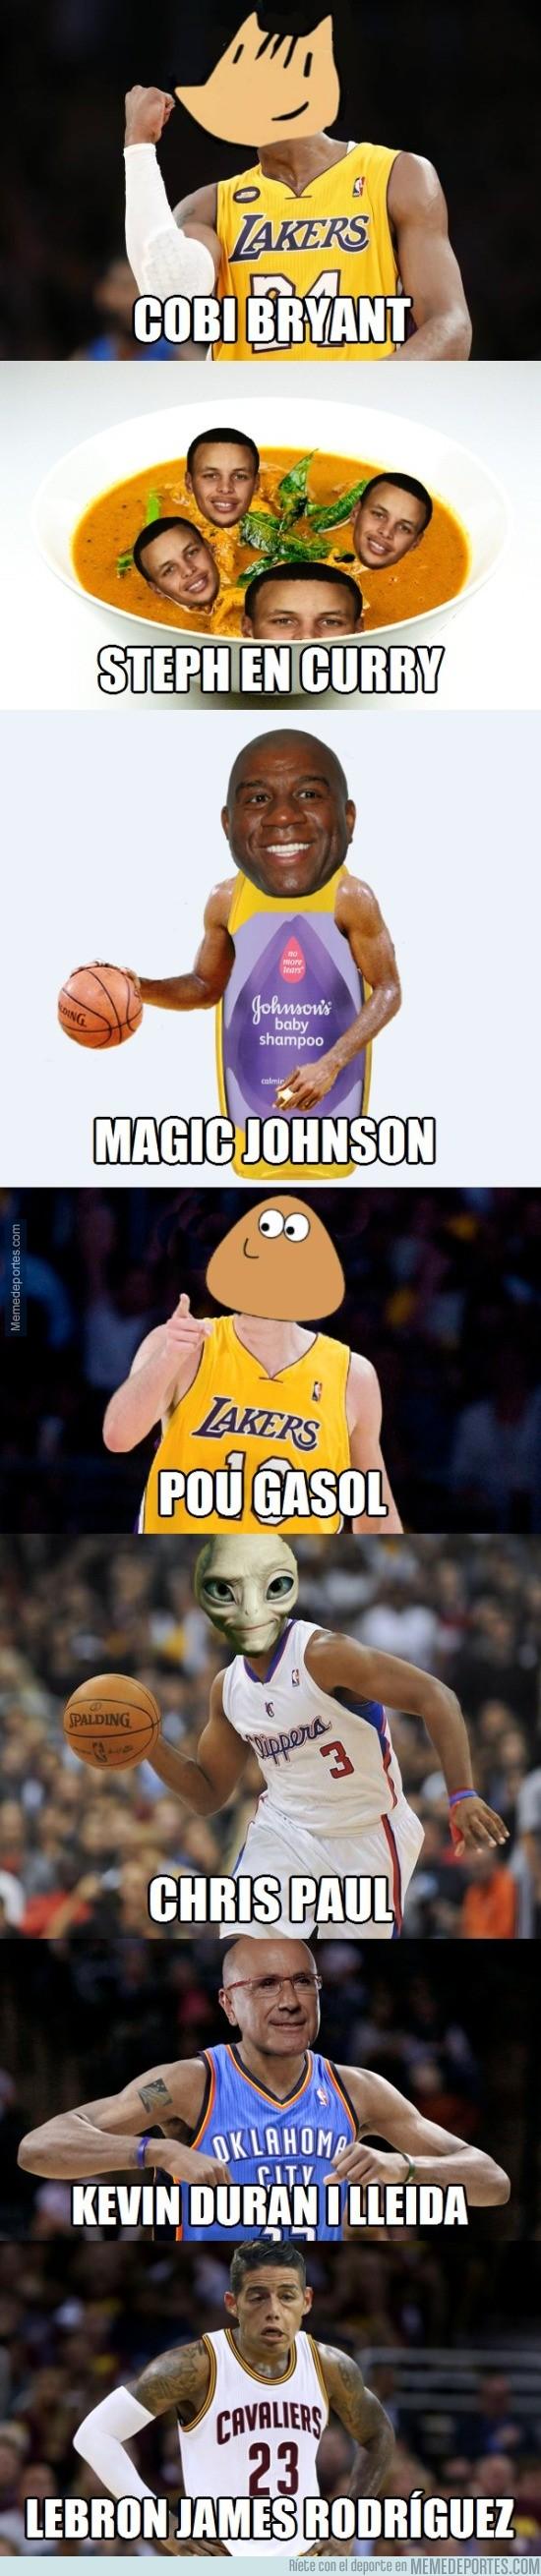 681363 - Memes con jugadores de la NBA